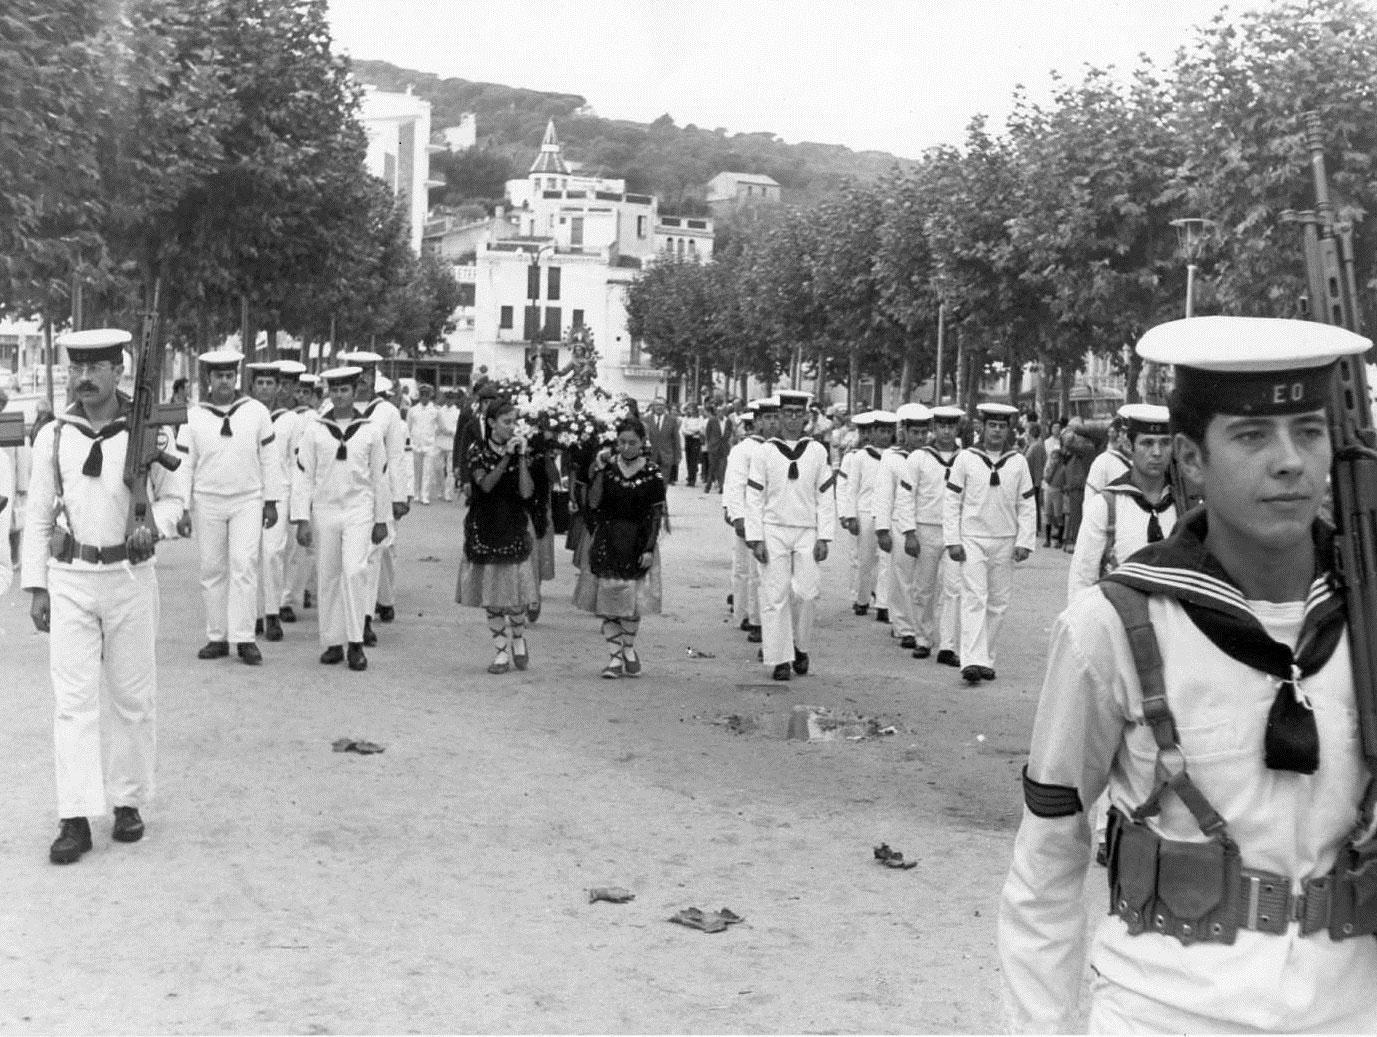 Pas de la processó de la Verge del Bonviatge pel passeig del Mar cap al 1970. AMSFG. Col·lecció Municipal d'Imatges (Autor: Narcís Sans)